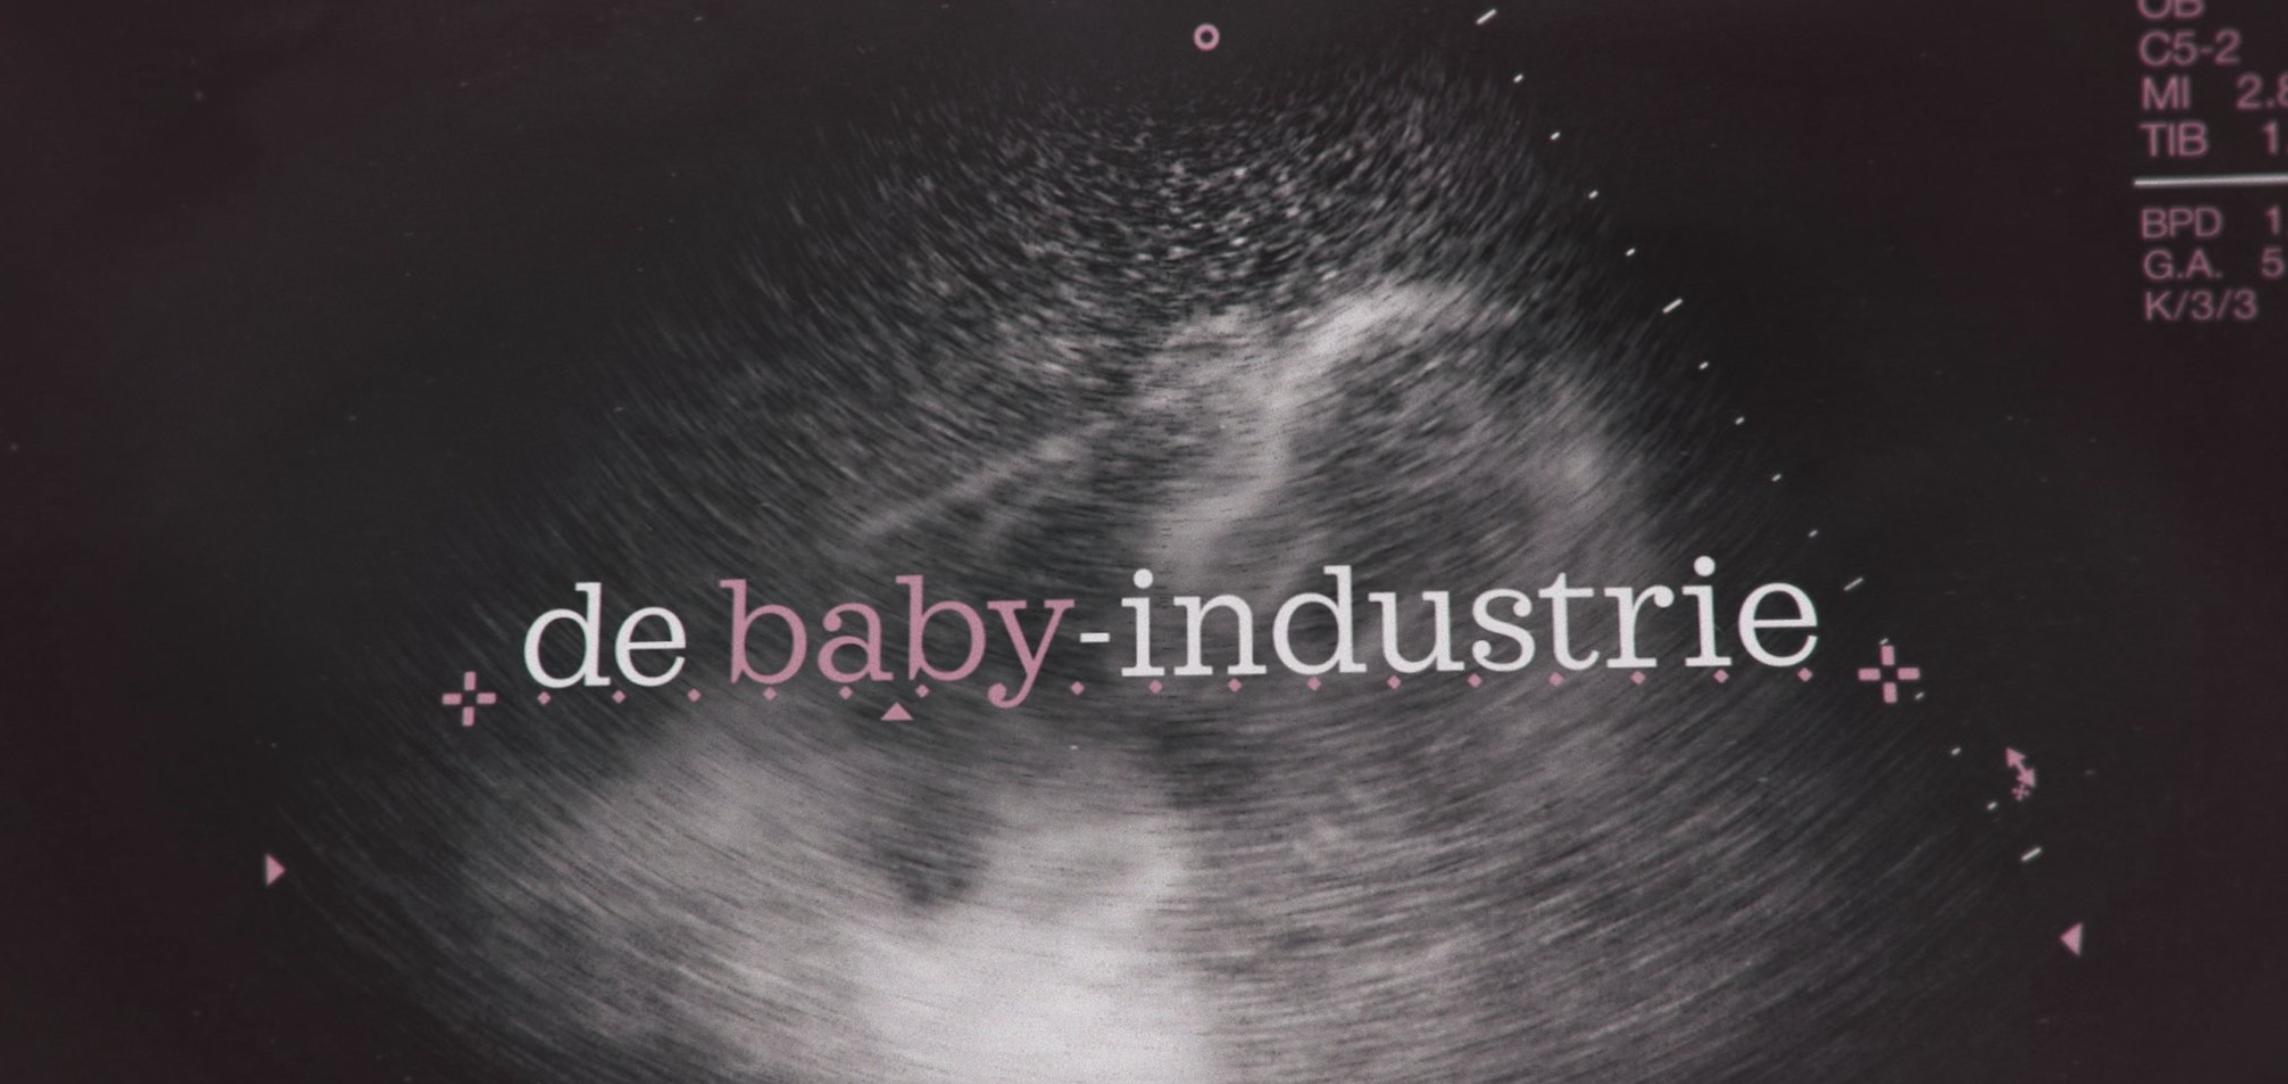 De baby-industrie